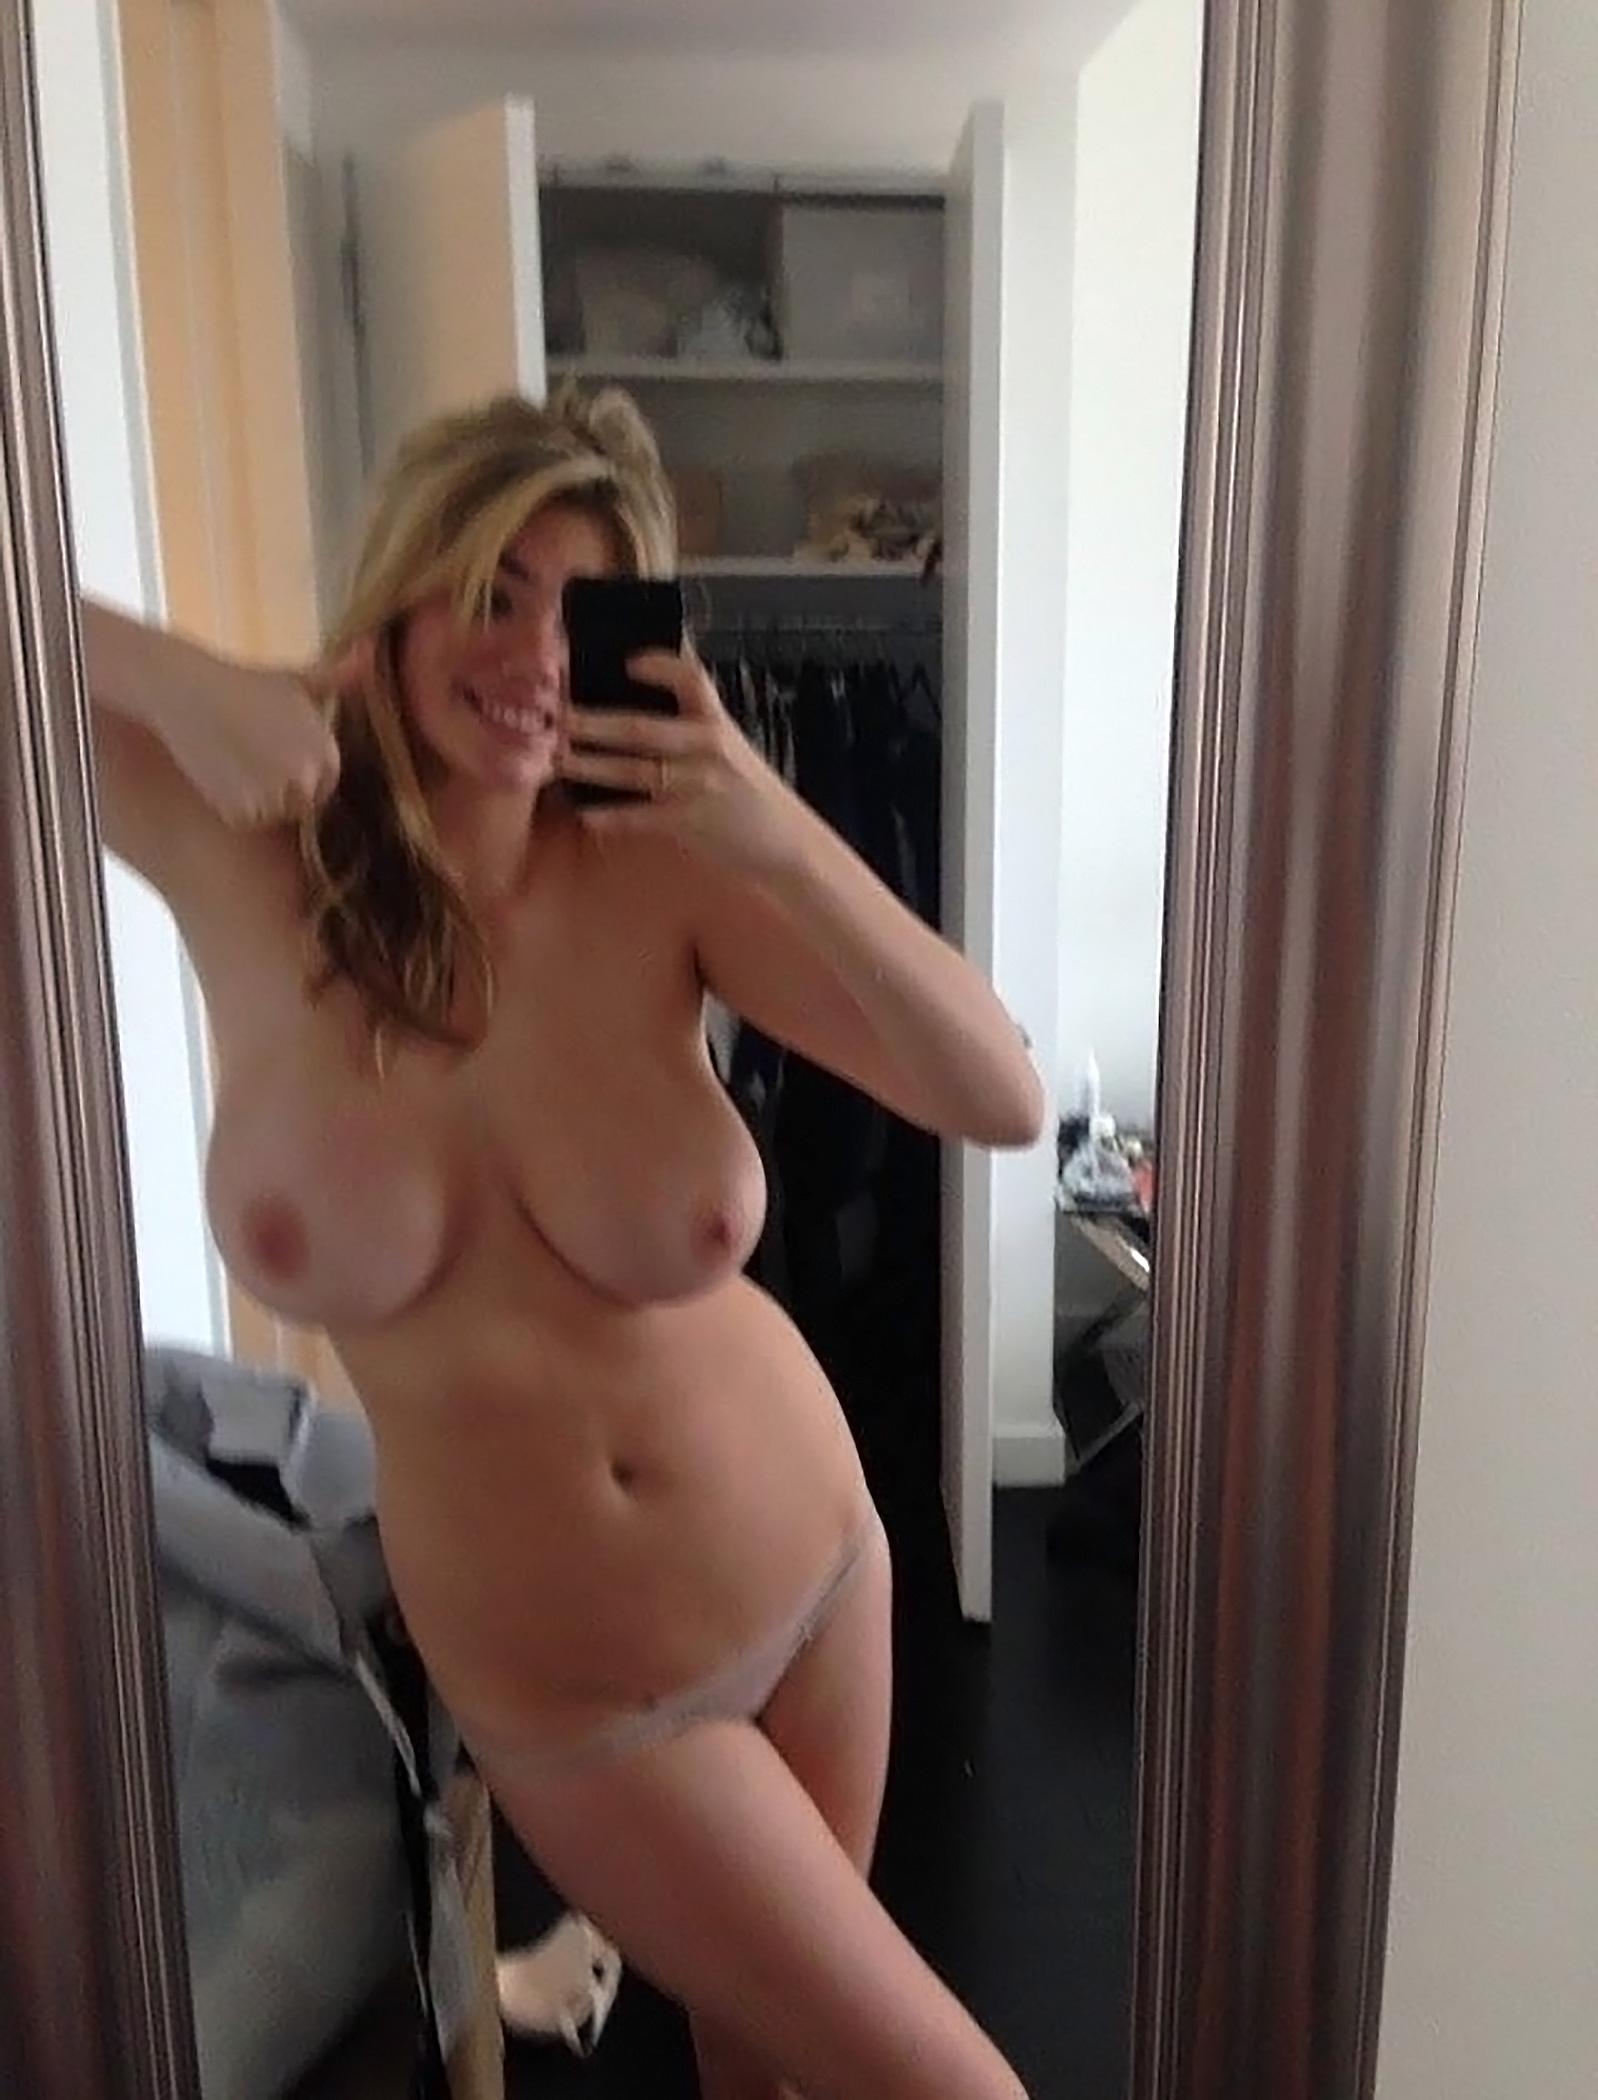 men-best-leaked-nude-photos-ever-sex-gifs-amateur